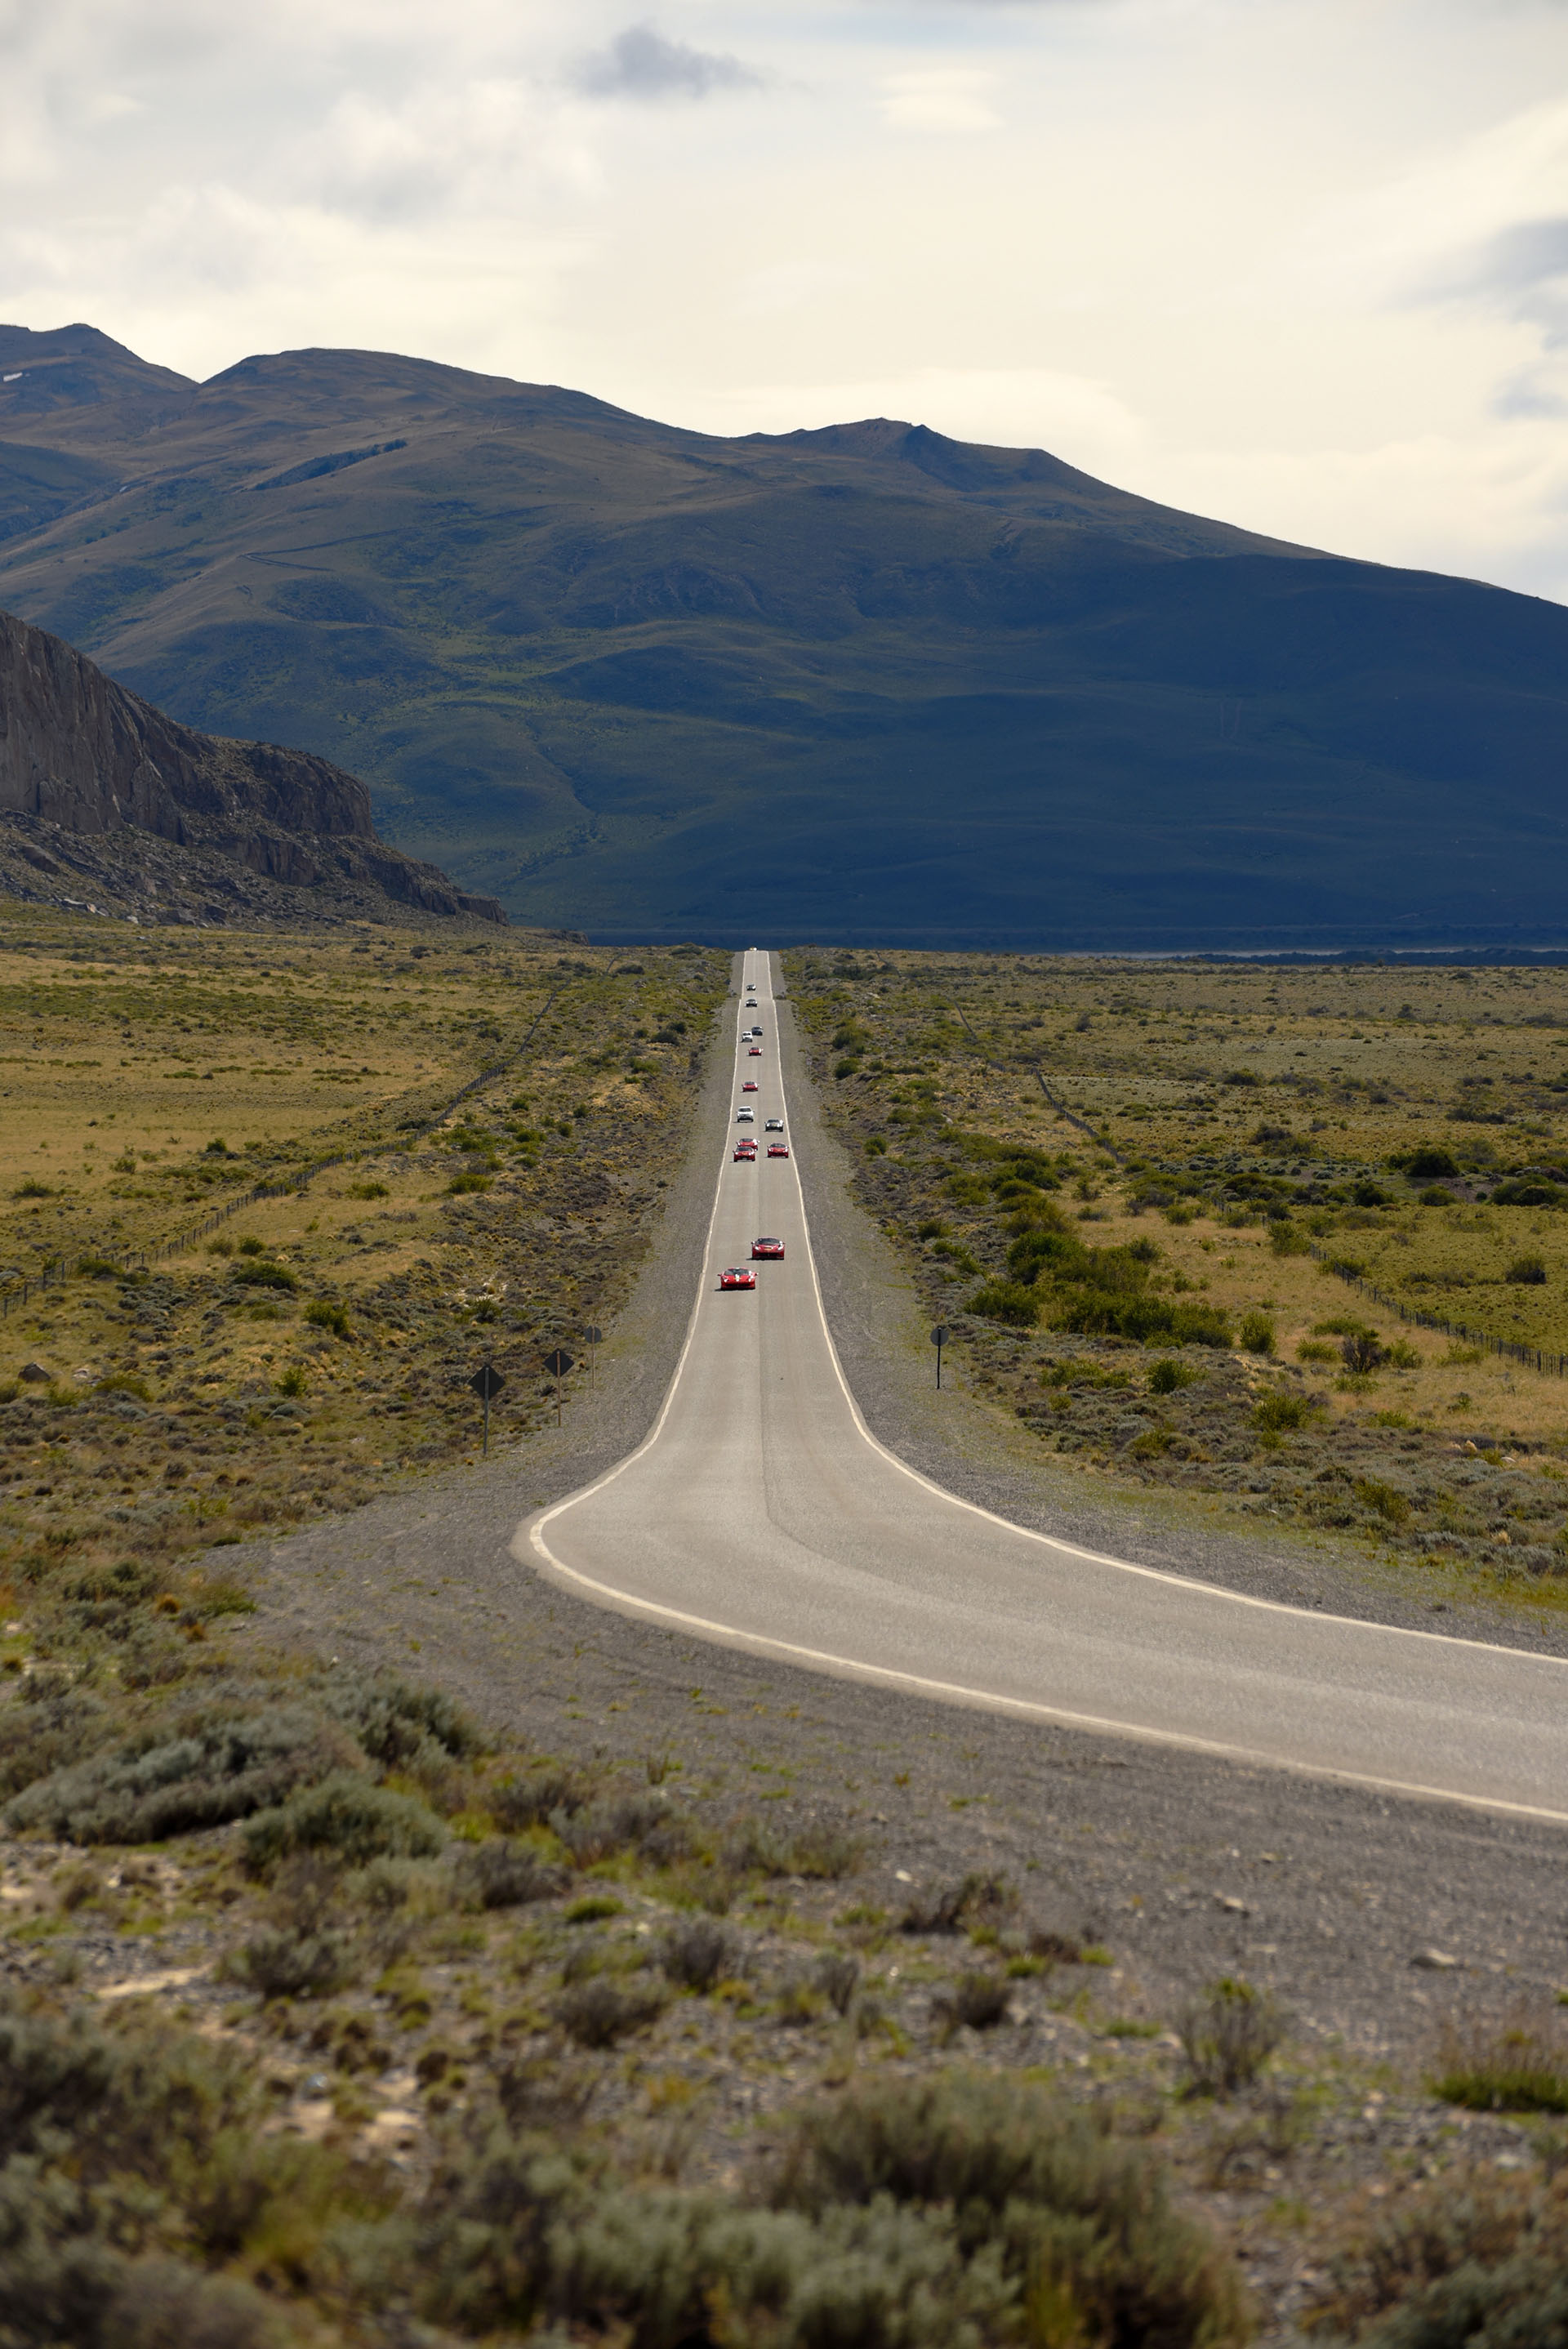 Una imagen única: El Calafatecargado de modelos Ferrari.El paisaje lo presta la ruta provincial número 11 que va haciaelParque Nacional Los Glaciares